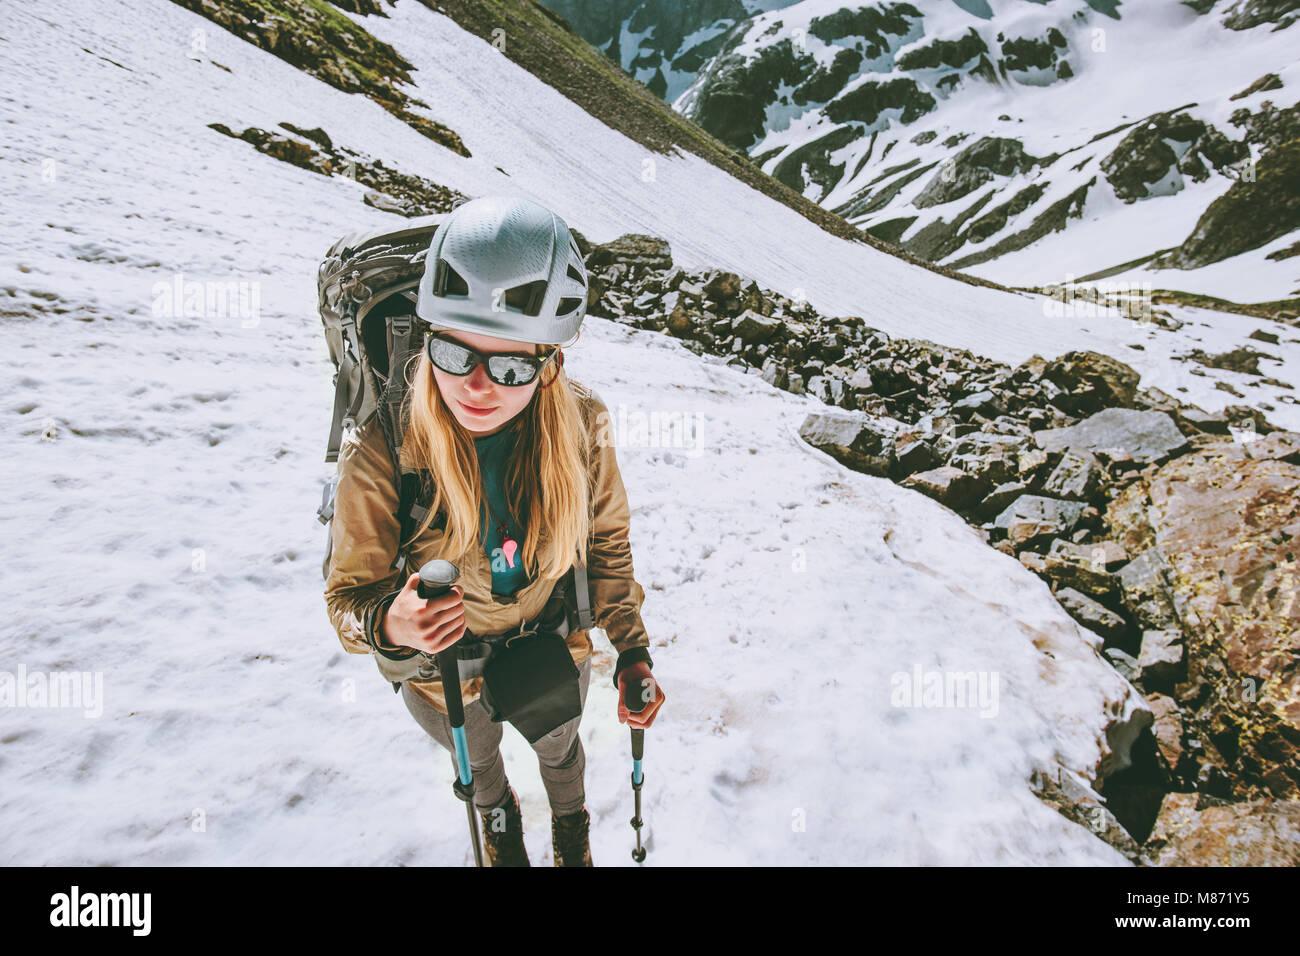 Mujer escalador de montañas excursionismo con mochila y casco de marcha en el estilo de vida itinerante aventura Imagen De Stock